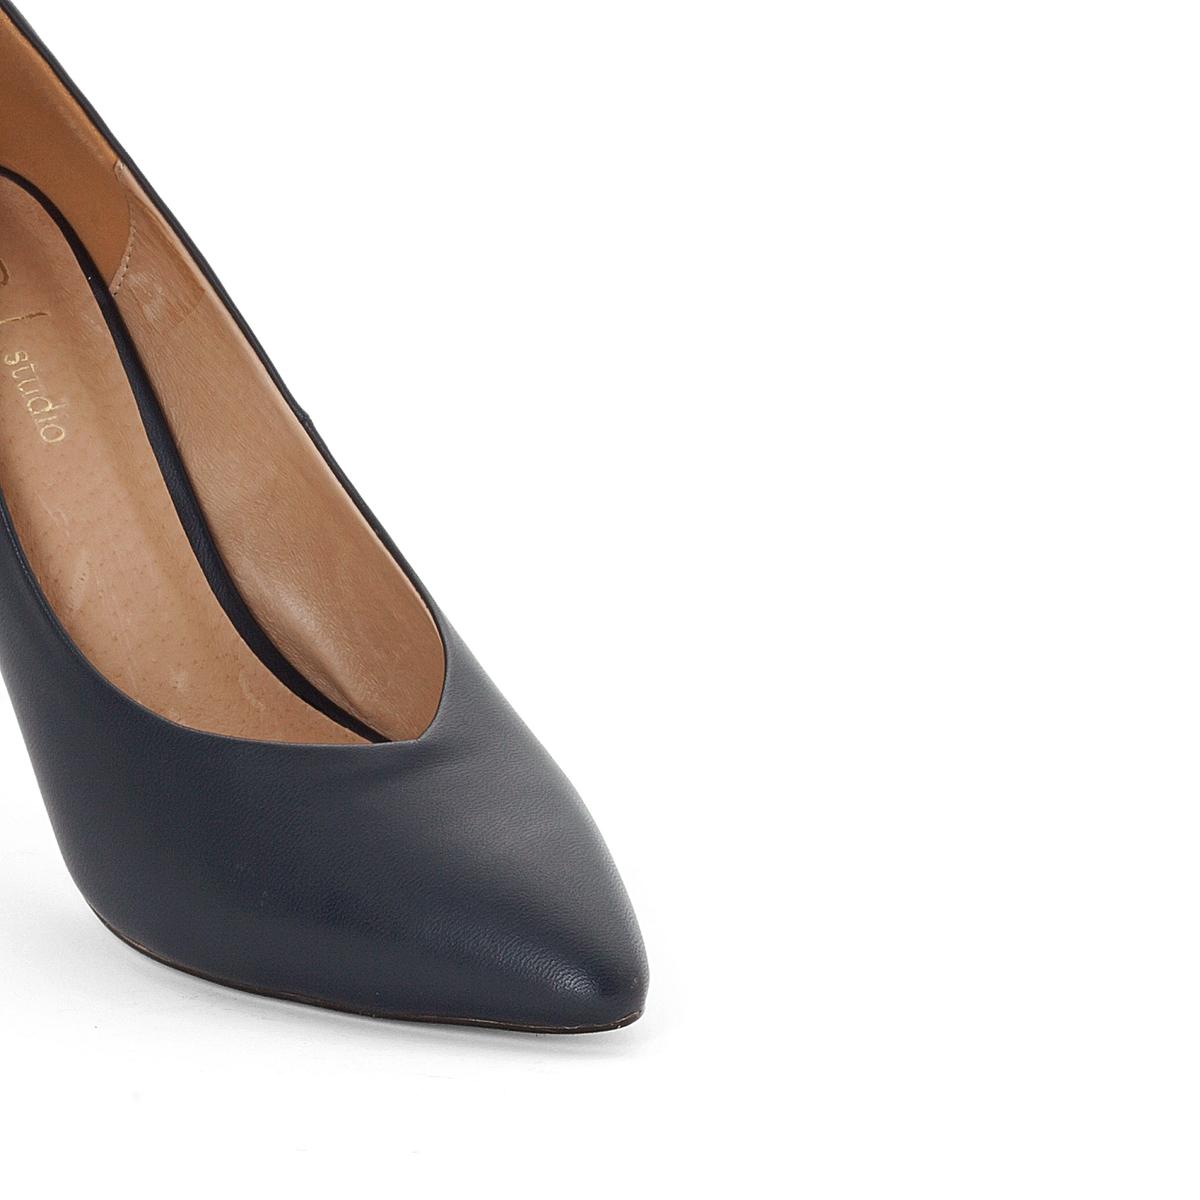 Туфли кожаные на высоком каблукеВерх/Голенище : кожа            Подкладка : кожа            Стелька : кожа           Подошва : эластомер            Высота каблука : 10 см            Форма каблука : шпилька            Мысок : заостренный мысок             Застежка : без застежки<br><br>Цвет: синий морской<br>Размер: 39